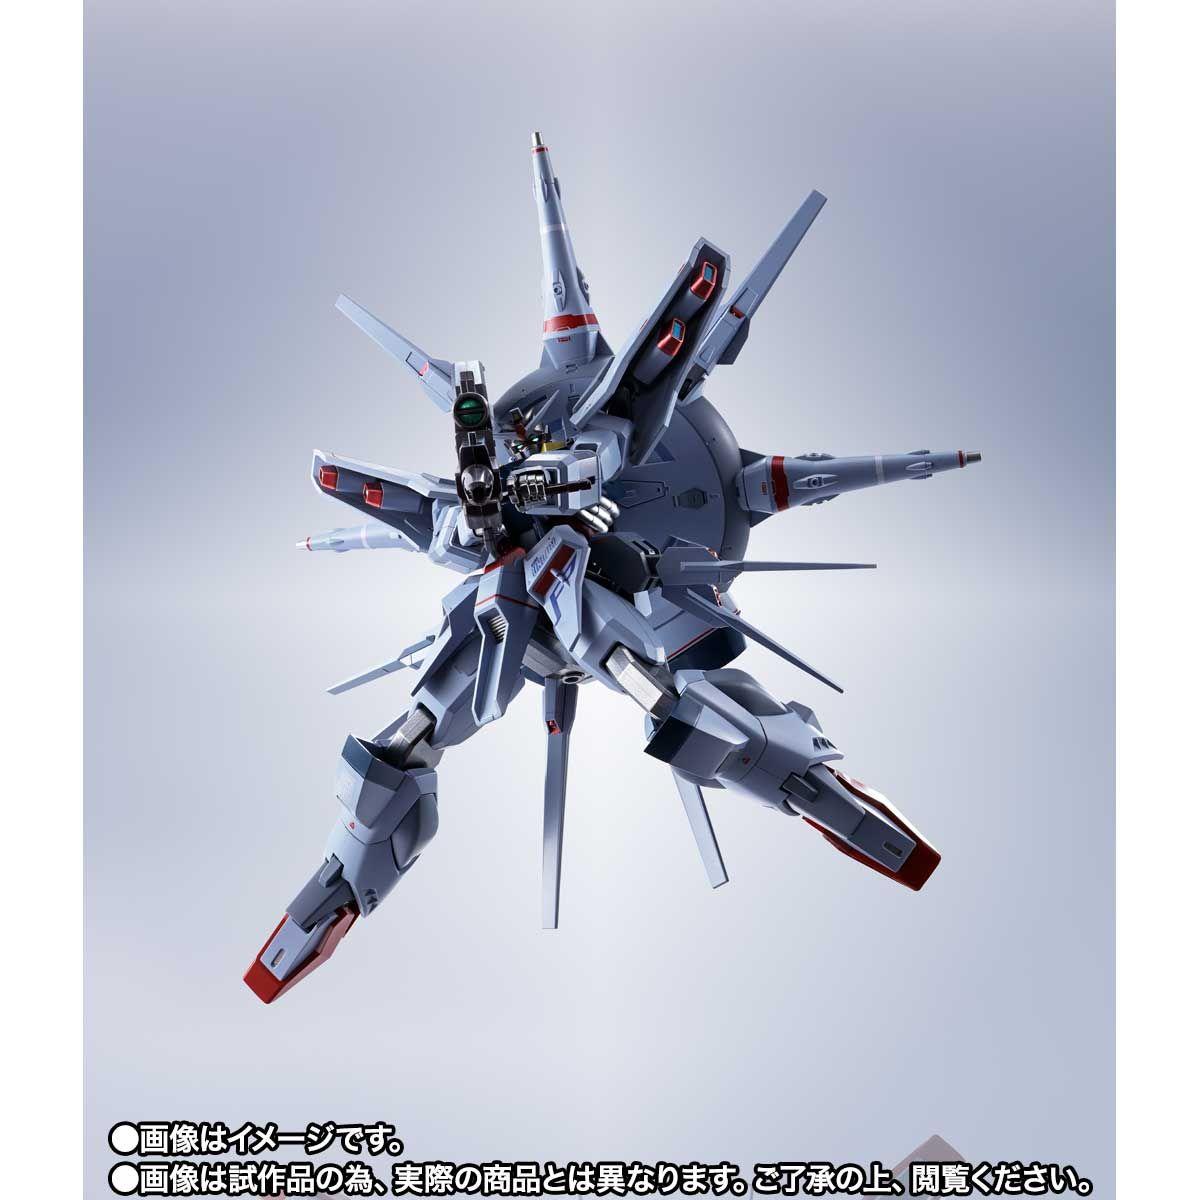 【限定販売】METAL ROBOT魂〈SIDE MS〉『プロヴィデンスガンダム』ガンダムSEED 可動フィギュア-008